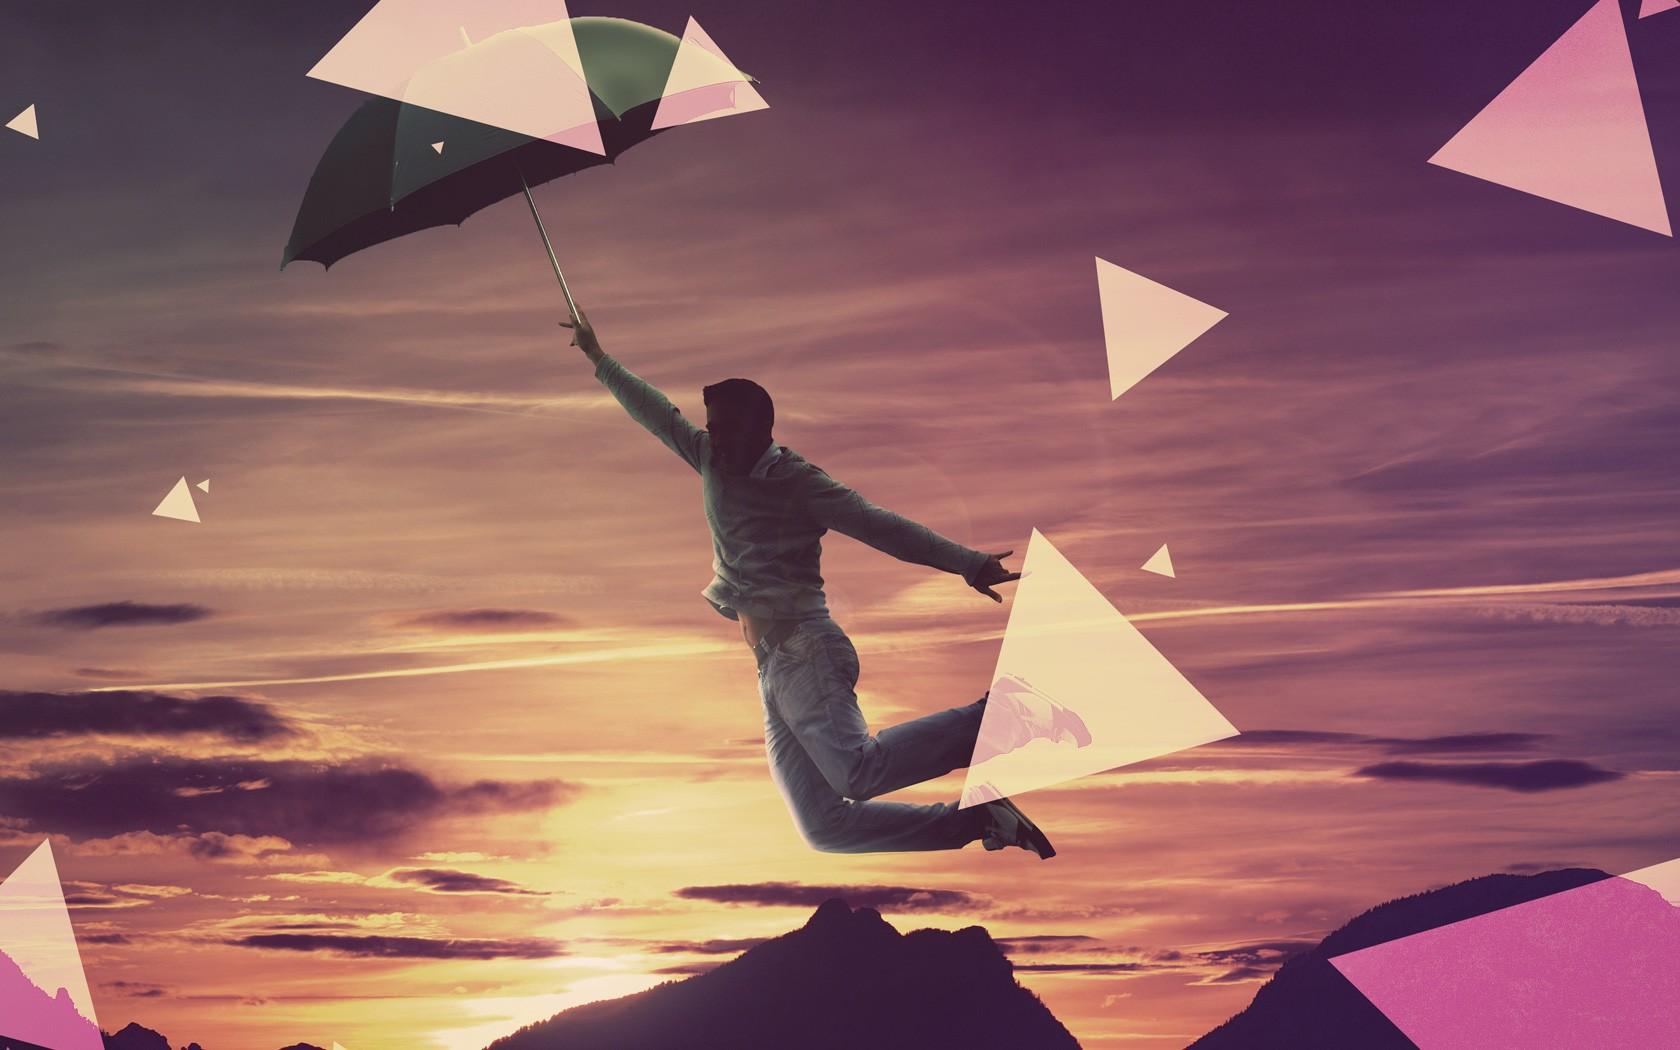 http://www.zastavki.com/pictures/originals/2013/Photoshop___Man_flies_on_umbrella_050988_.jpg